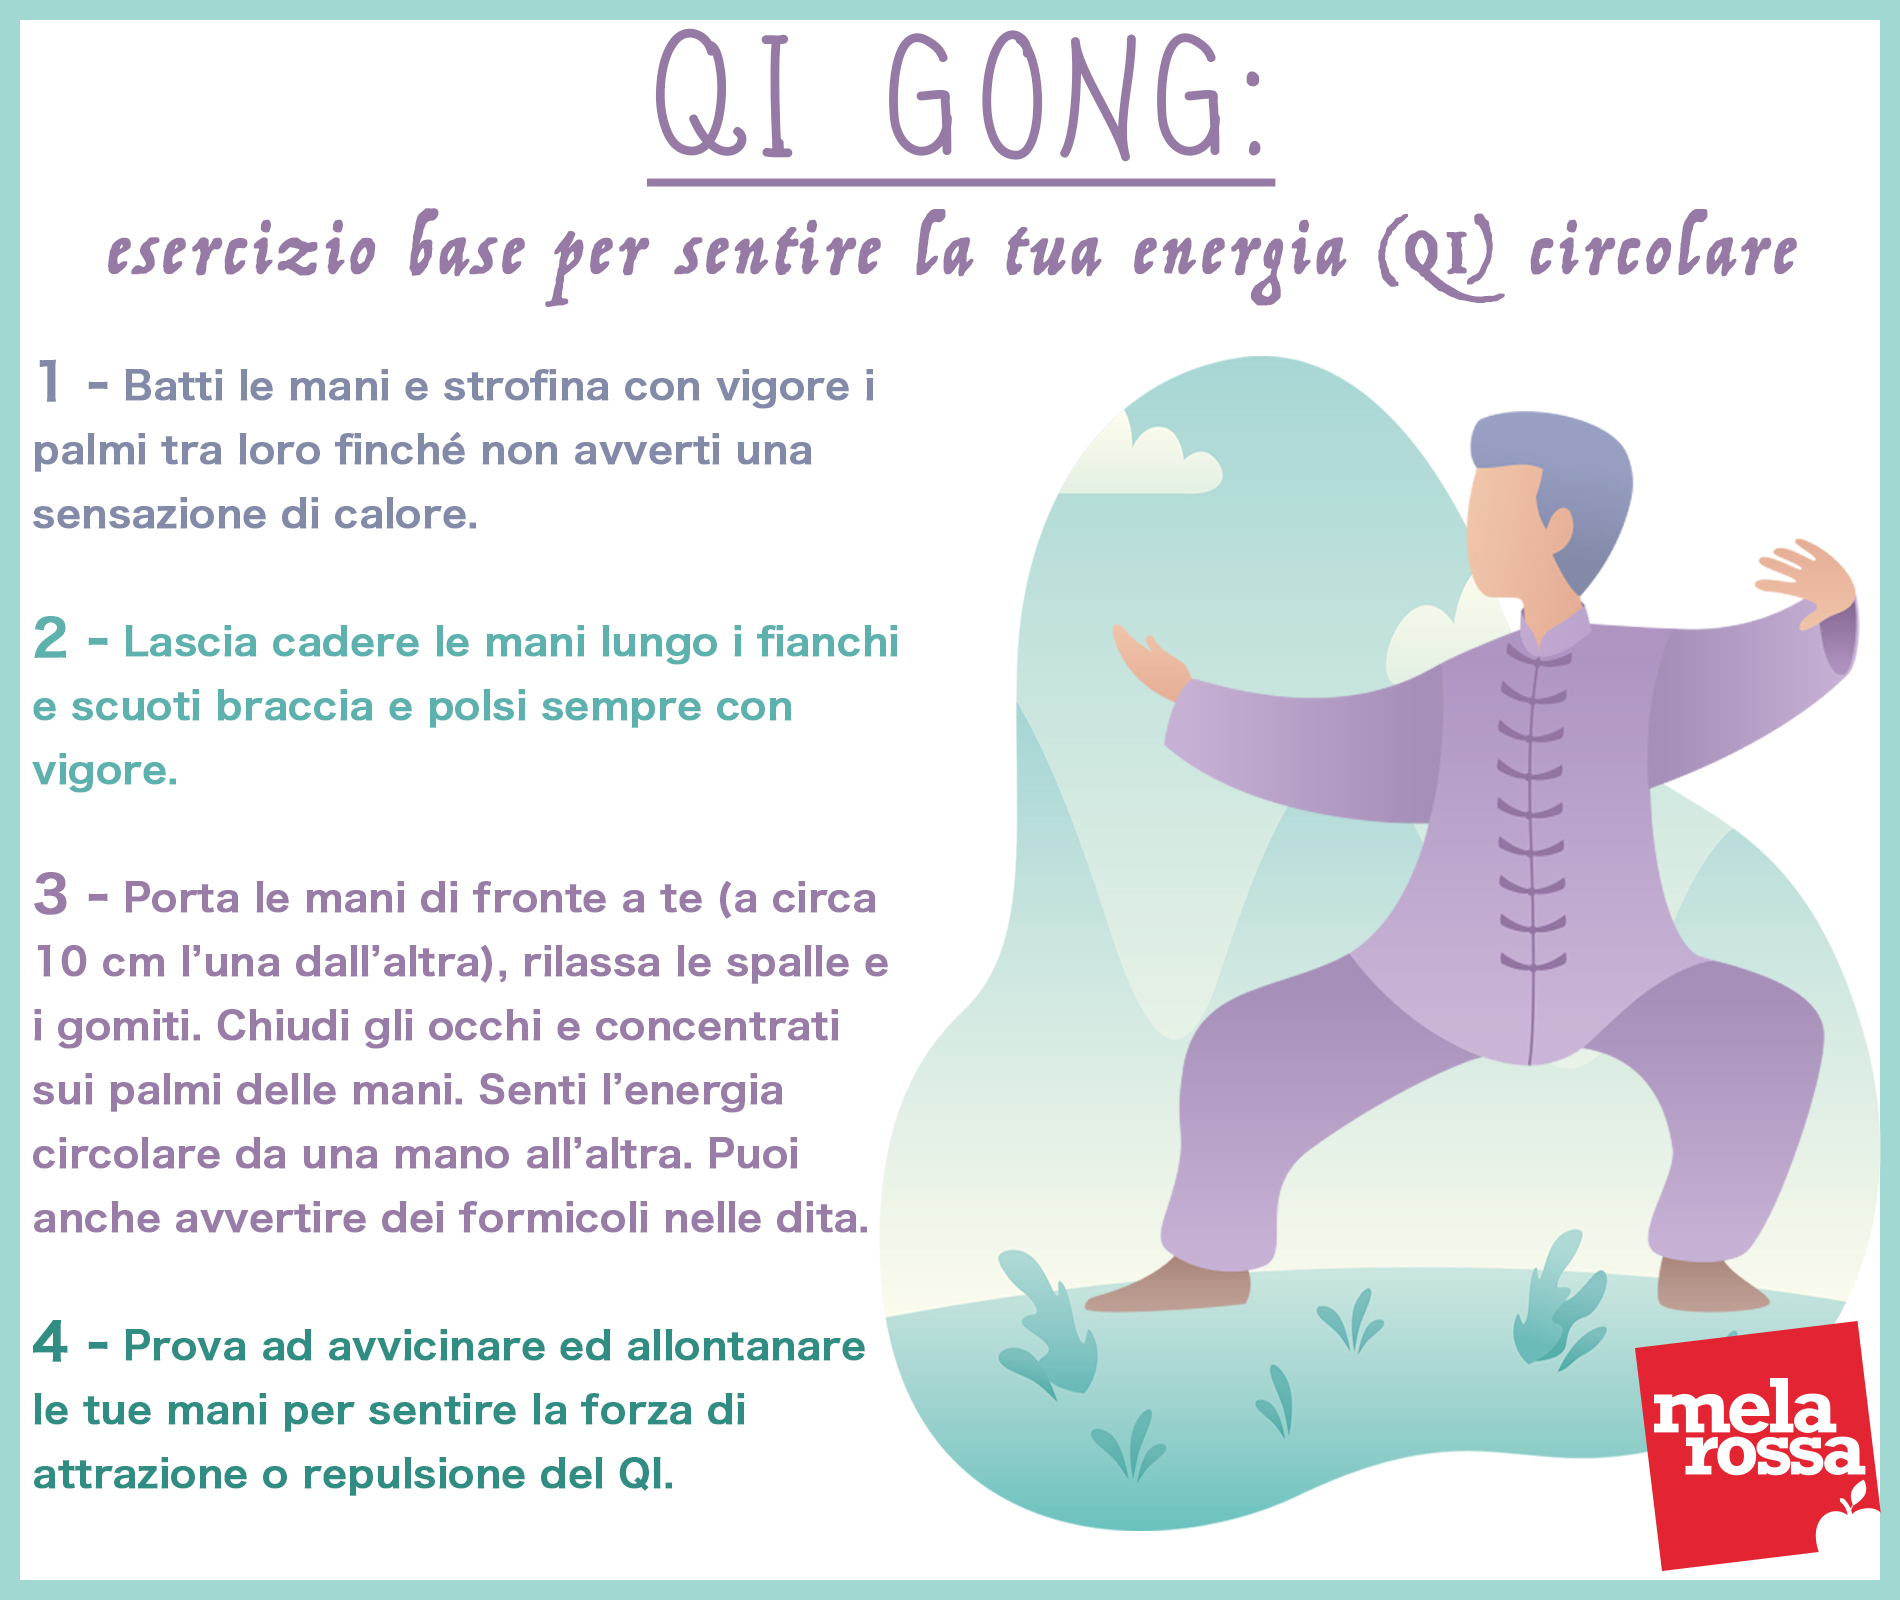 tai e qi gong: esercizio base per far circolare la tua energia